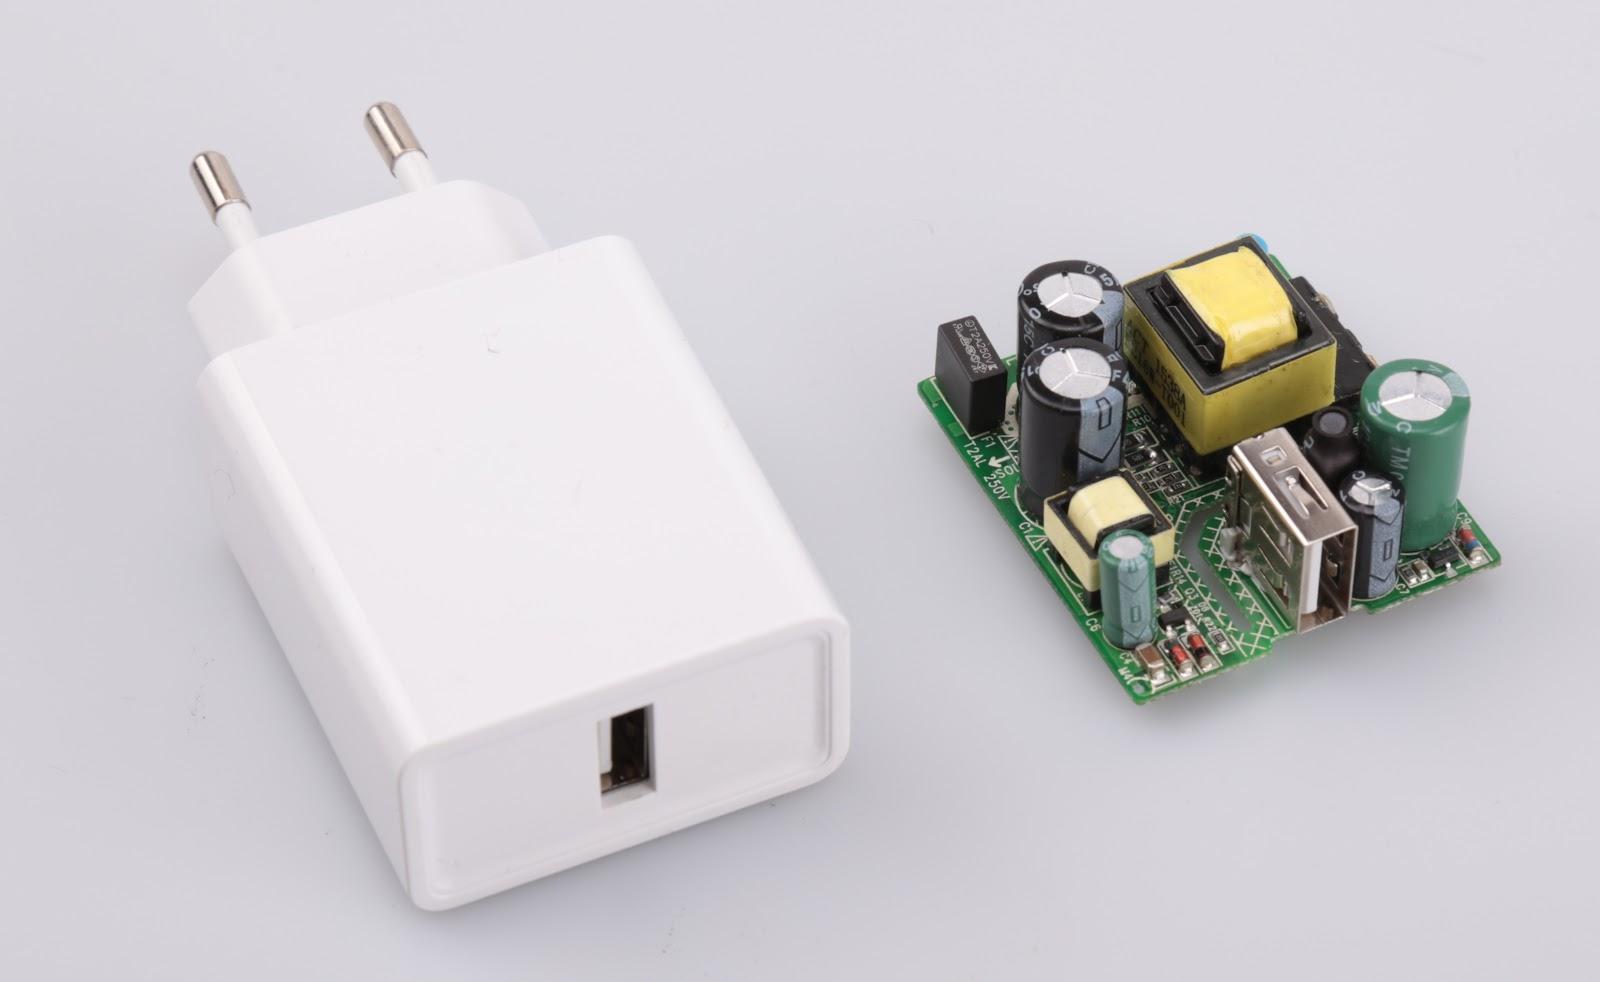 Bateria de 6.050 mAh regăsită pe Ulefone Power se poate încărca complet în doar 2 ore; iată un clip video demonstrativ